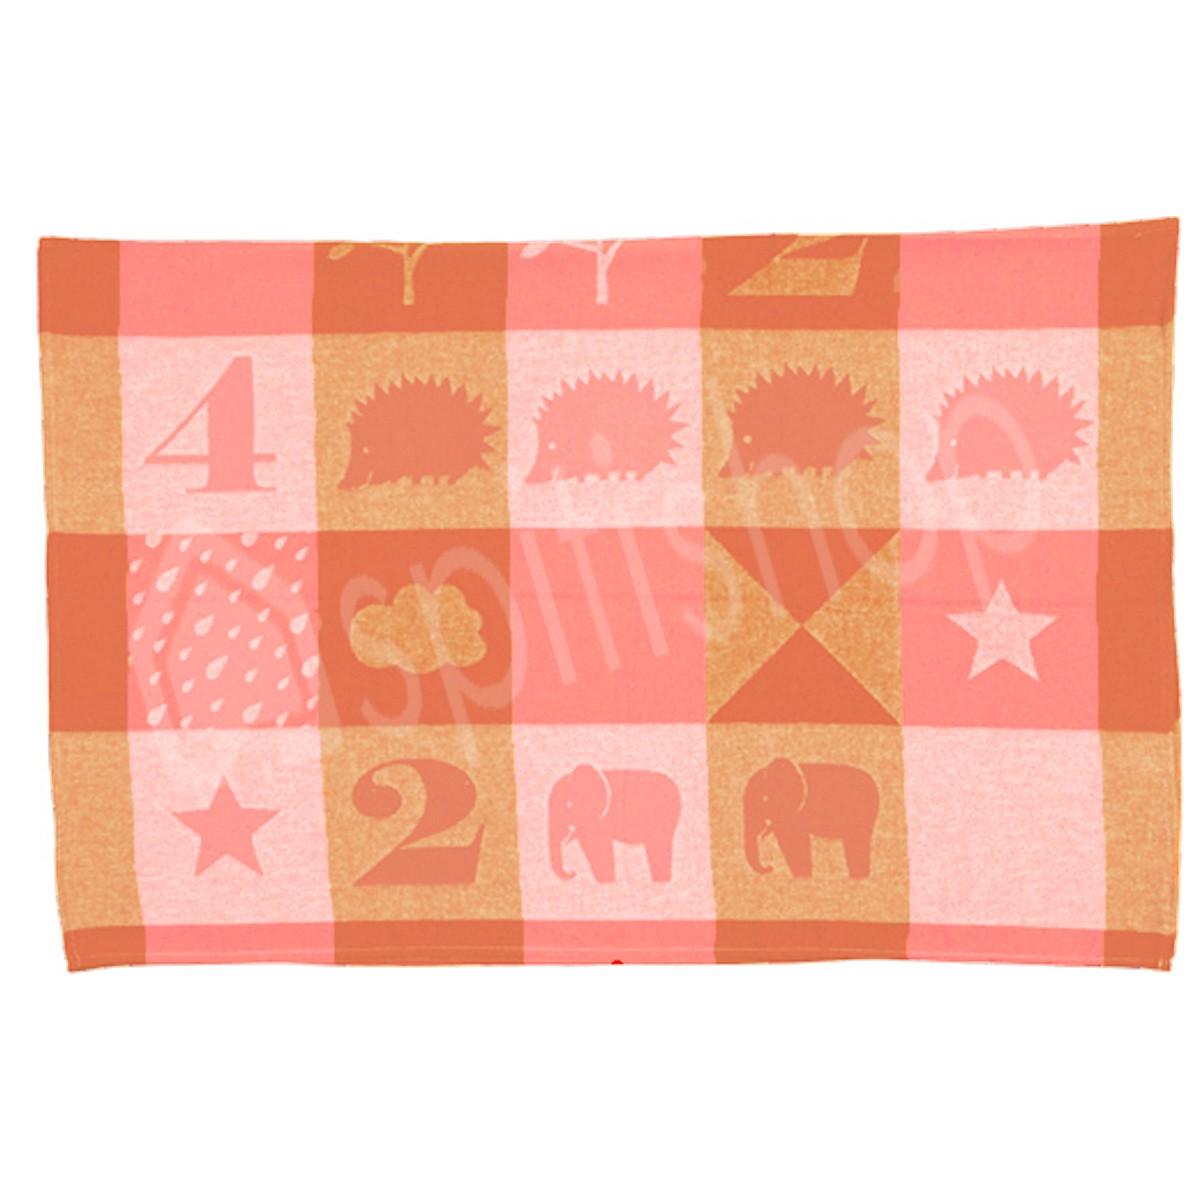 Κουβέρτα Fleece Κούνιας David Fussenegger Ida 2810/11 home   βρεφικά   κουβέρτες βρεφικές   κουβέρτες fleece